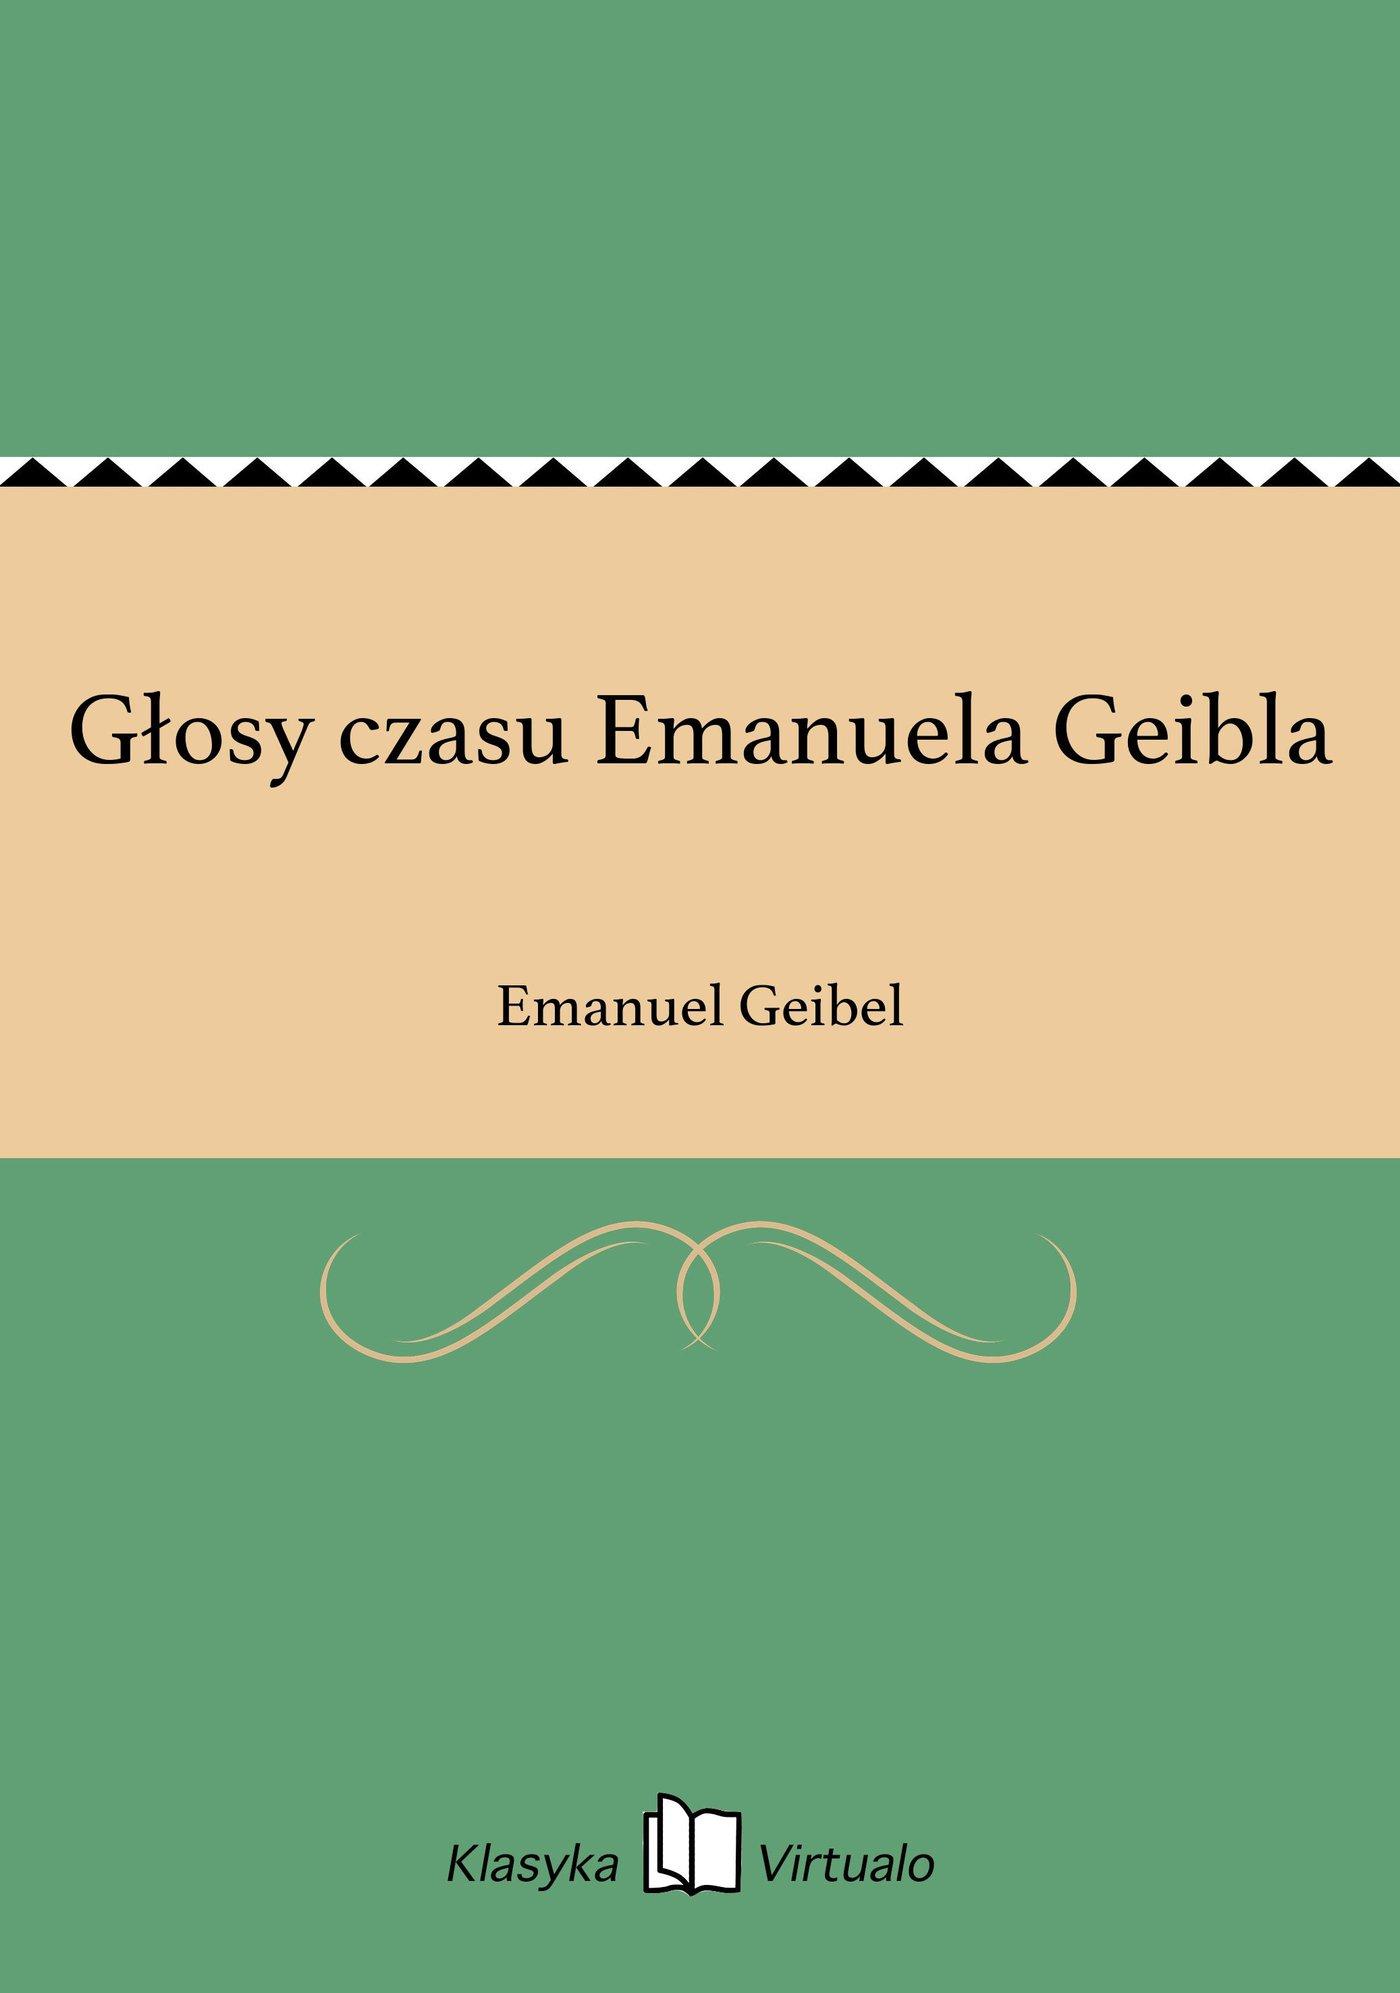 Głosy czasu Emanuela Geibla - Ebook (Książka EPUB) do pobrania w formacie EPUB